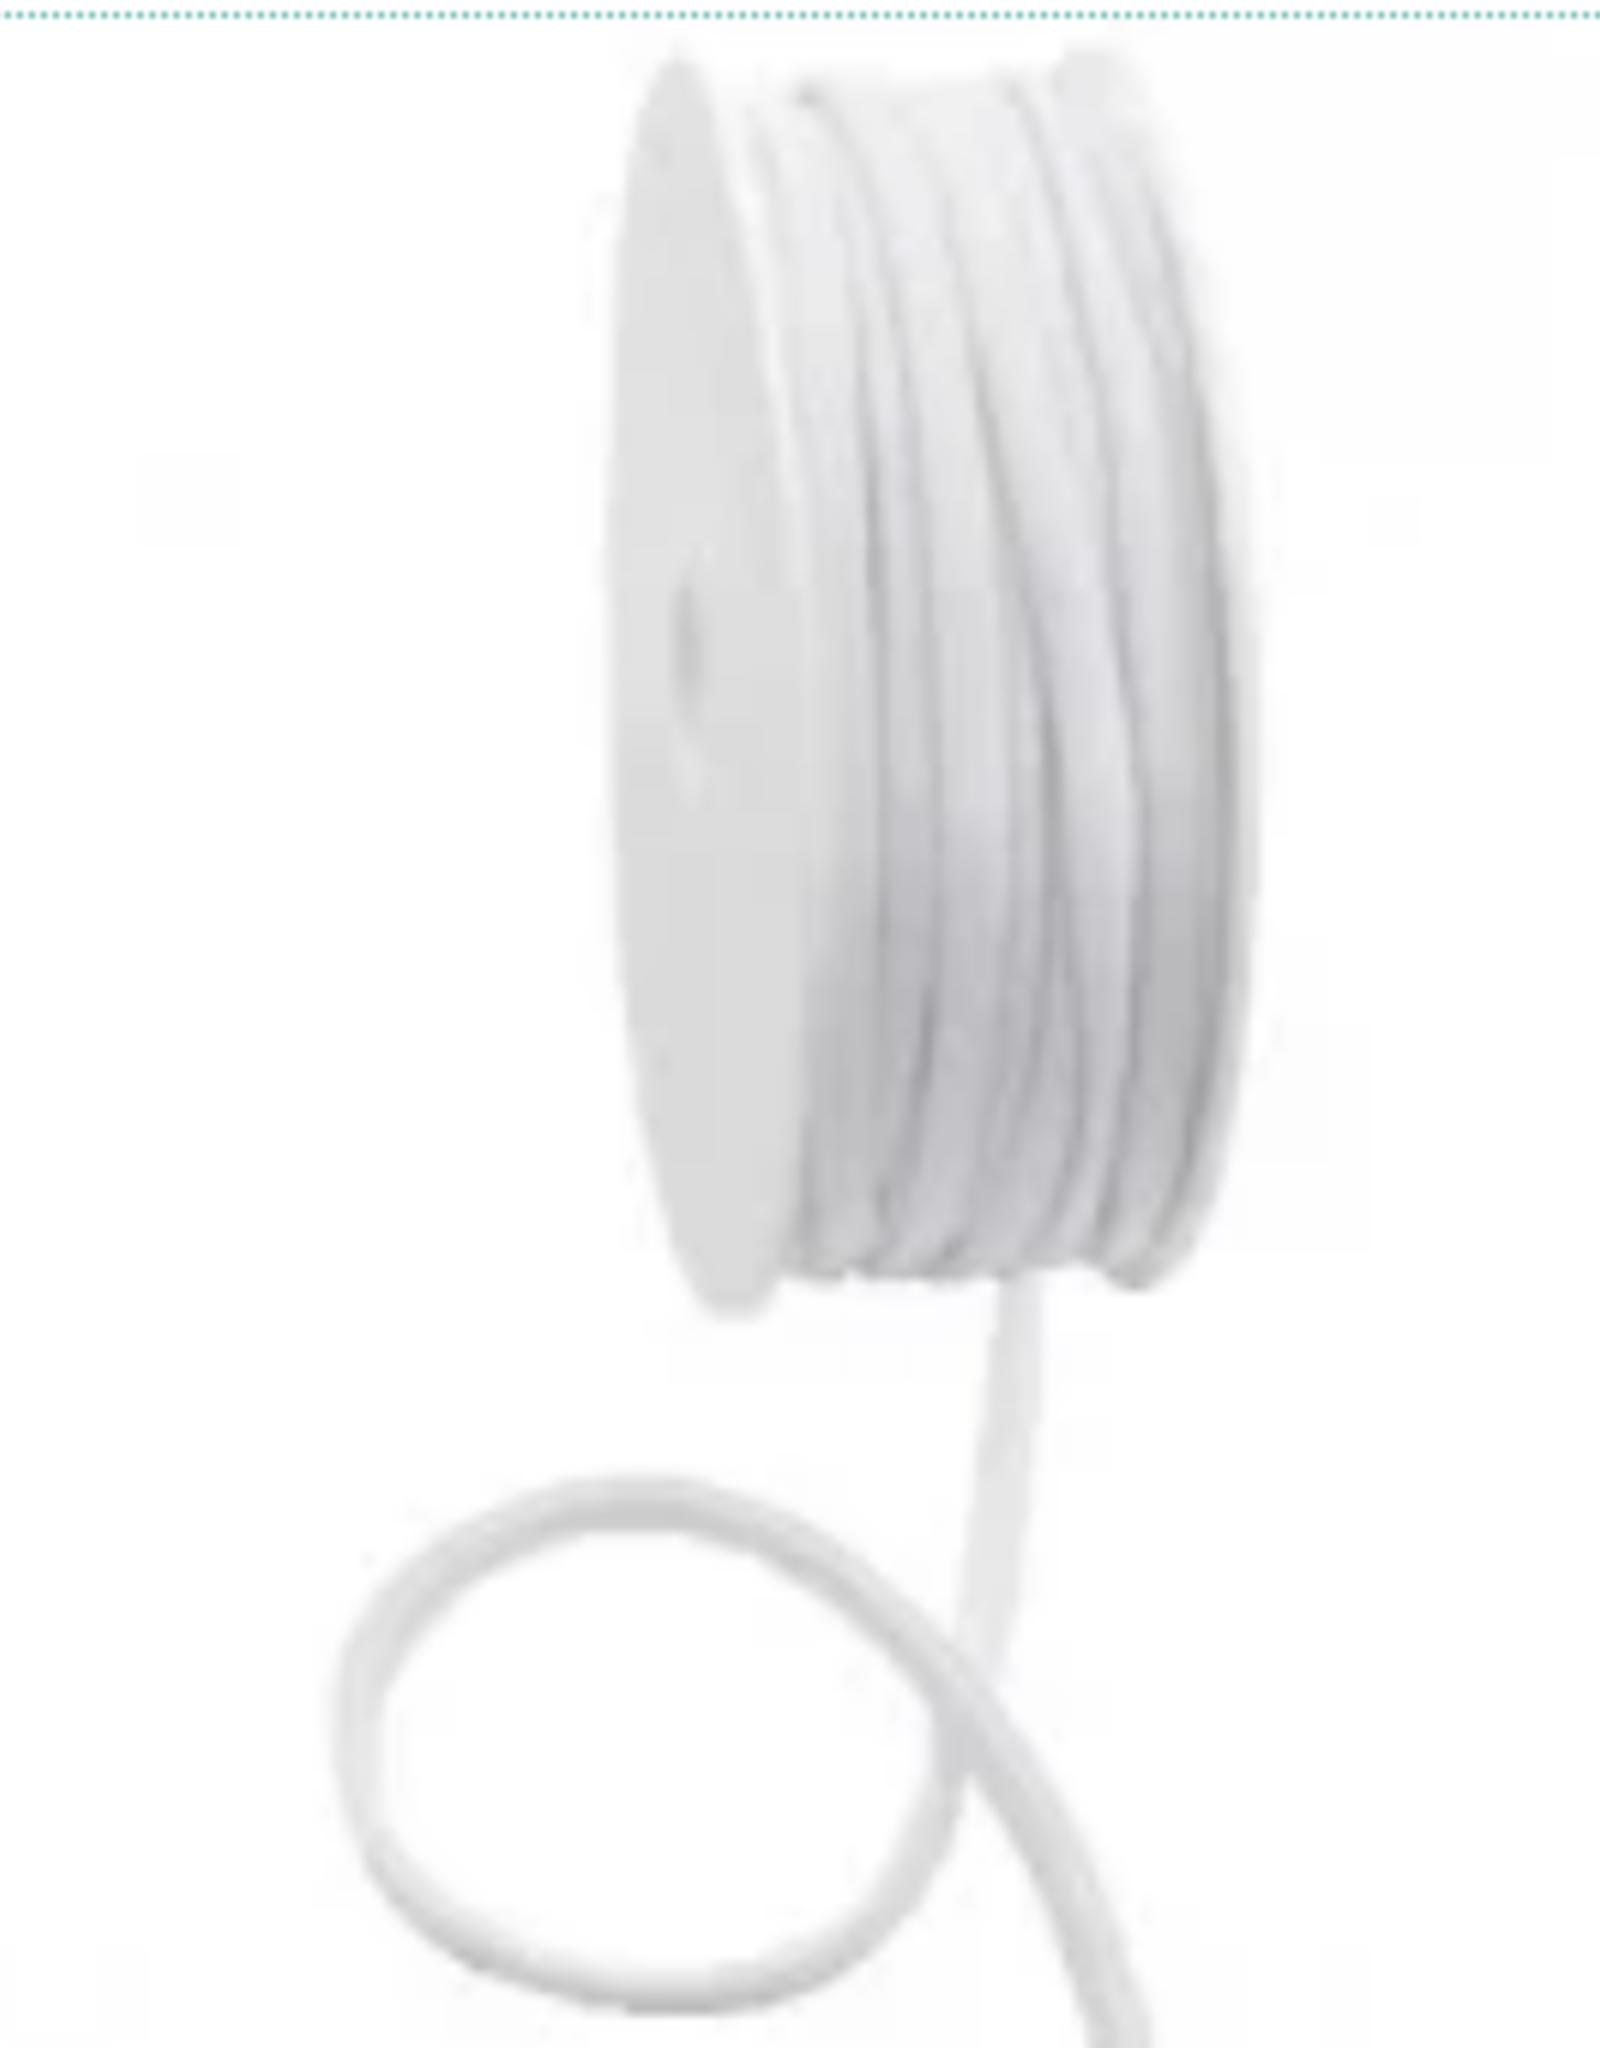 Elastiek soft voor mondmaskers - 5mm - Bundel van 5 meter